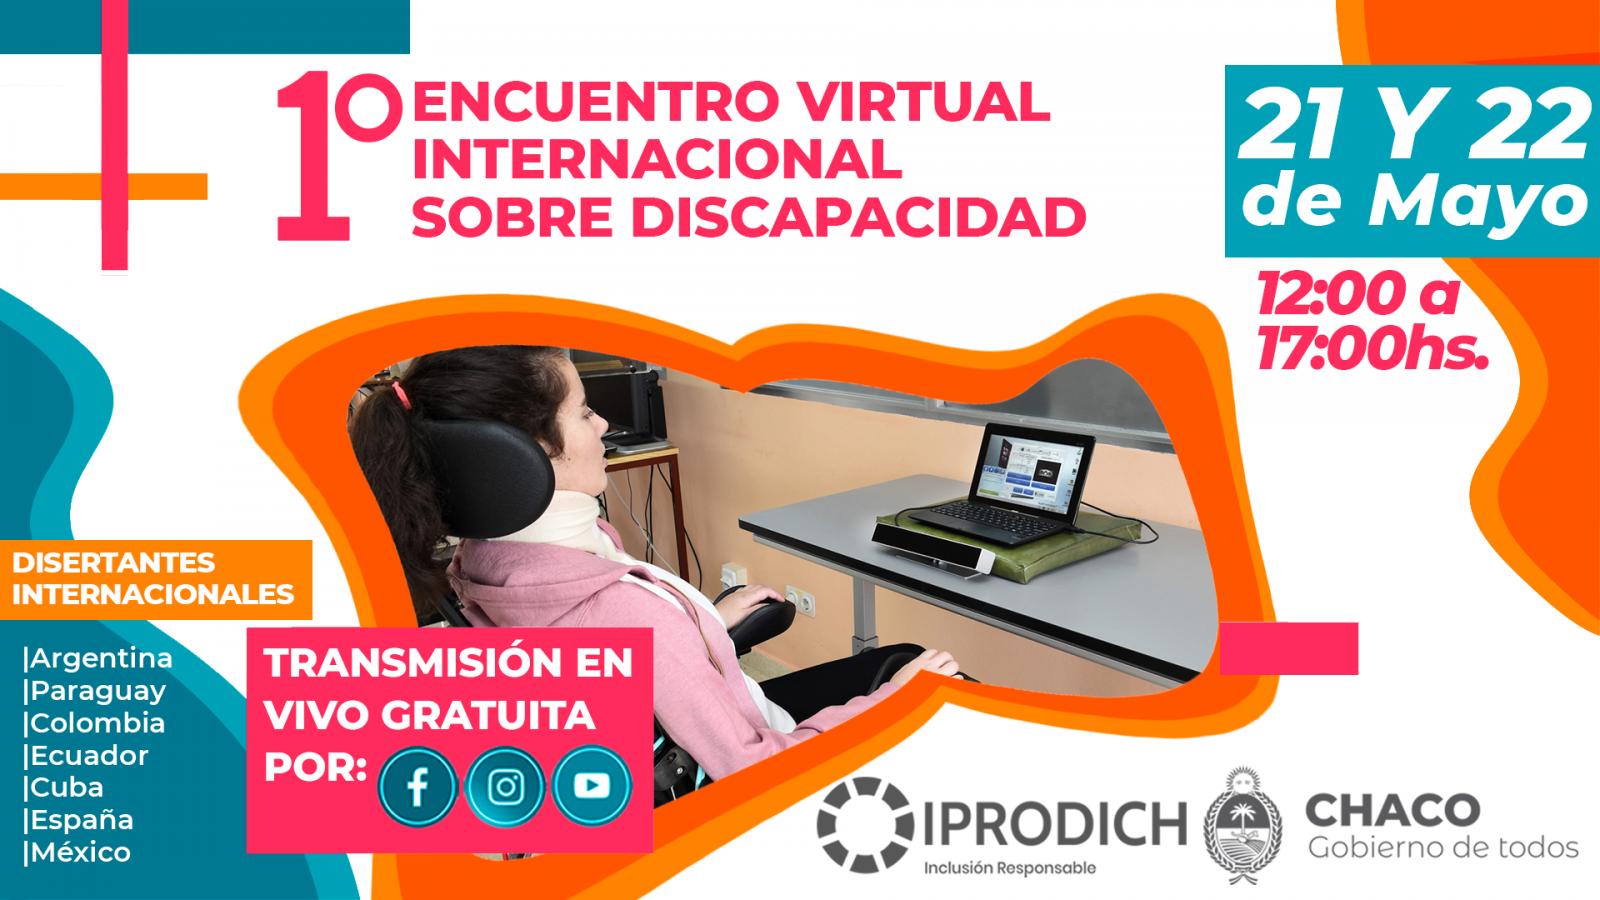 1° Encuentro Virtual Internacional sobre Discapacidad